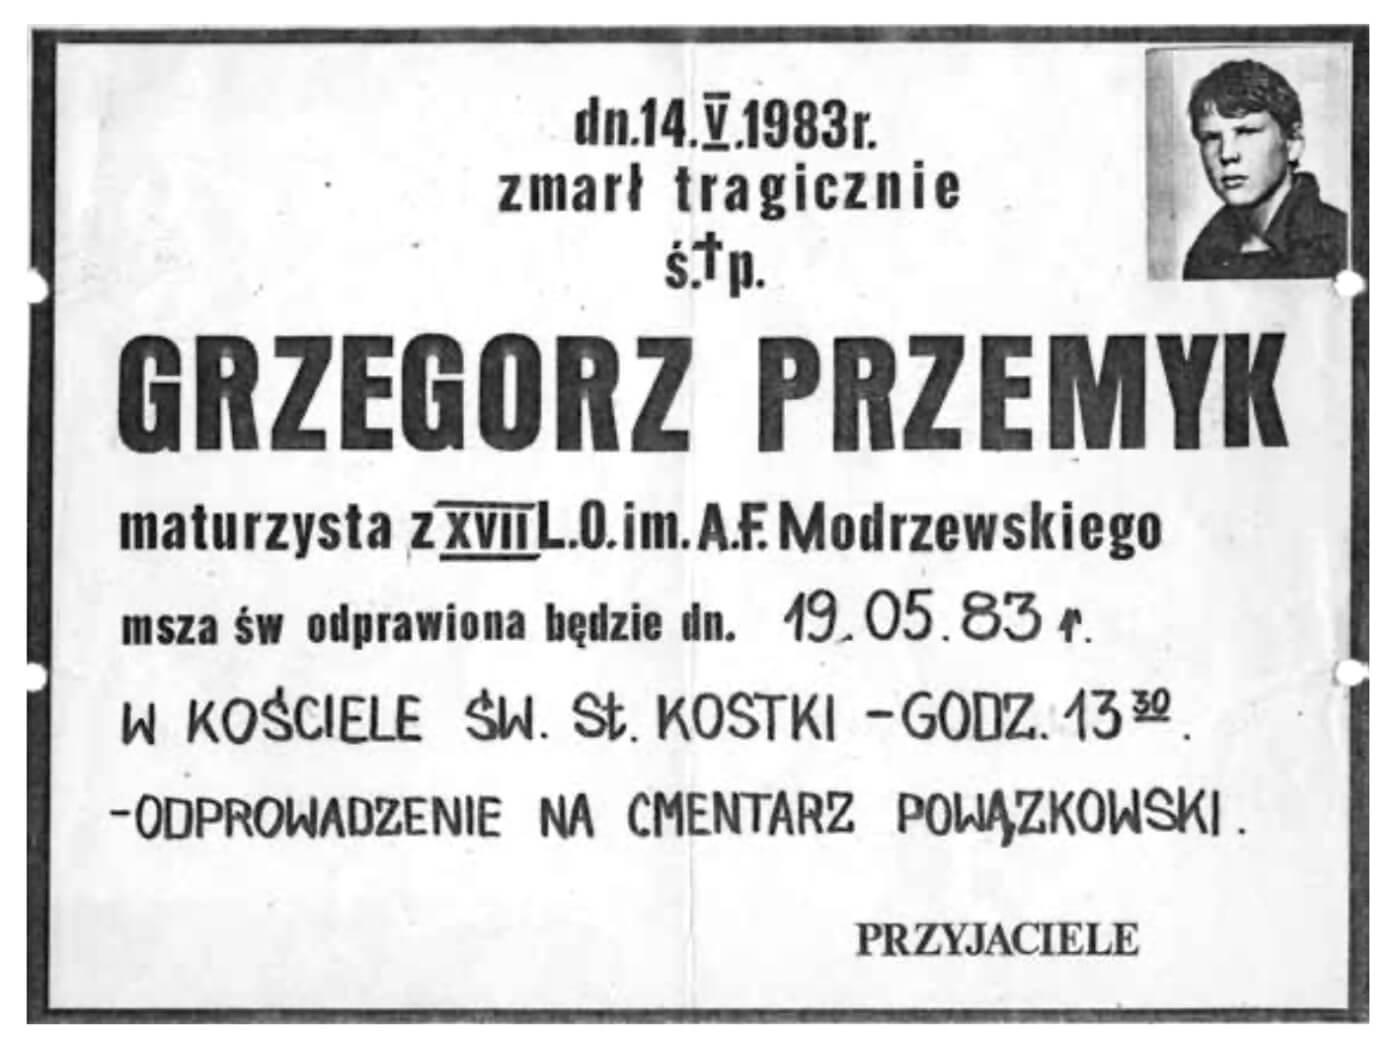 Nekrolog Grzegorza Przemyka, 14 maja 1983 roku